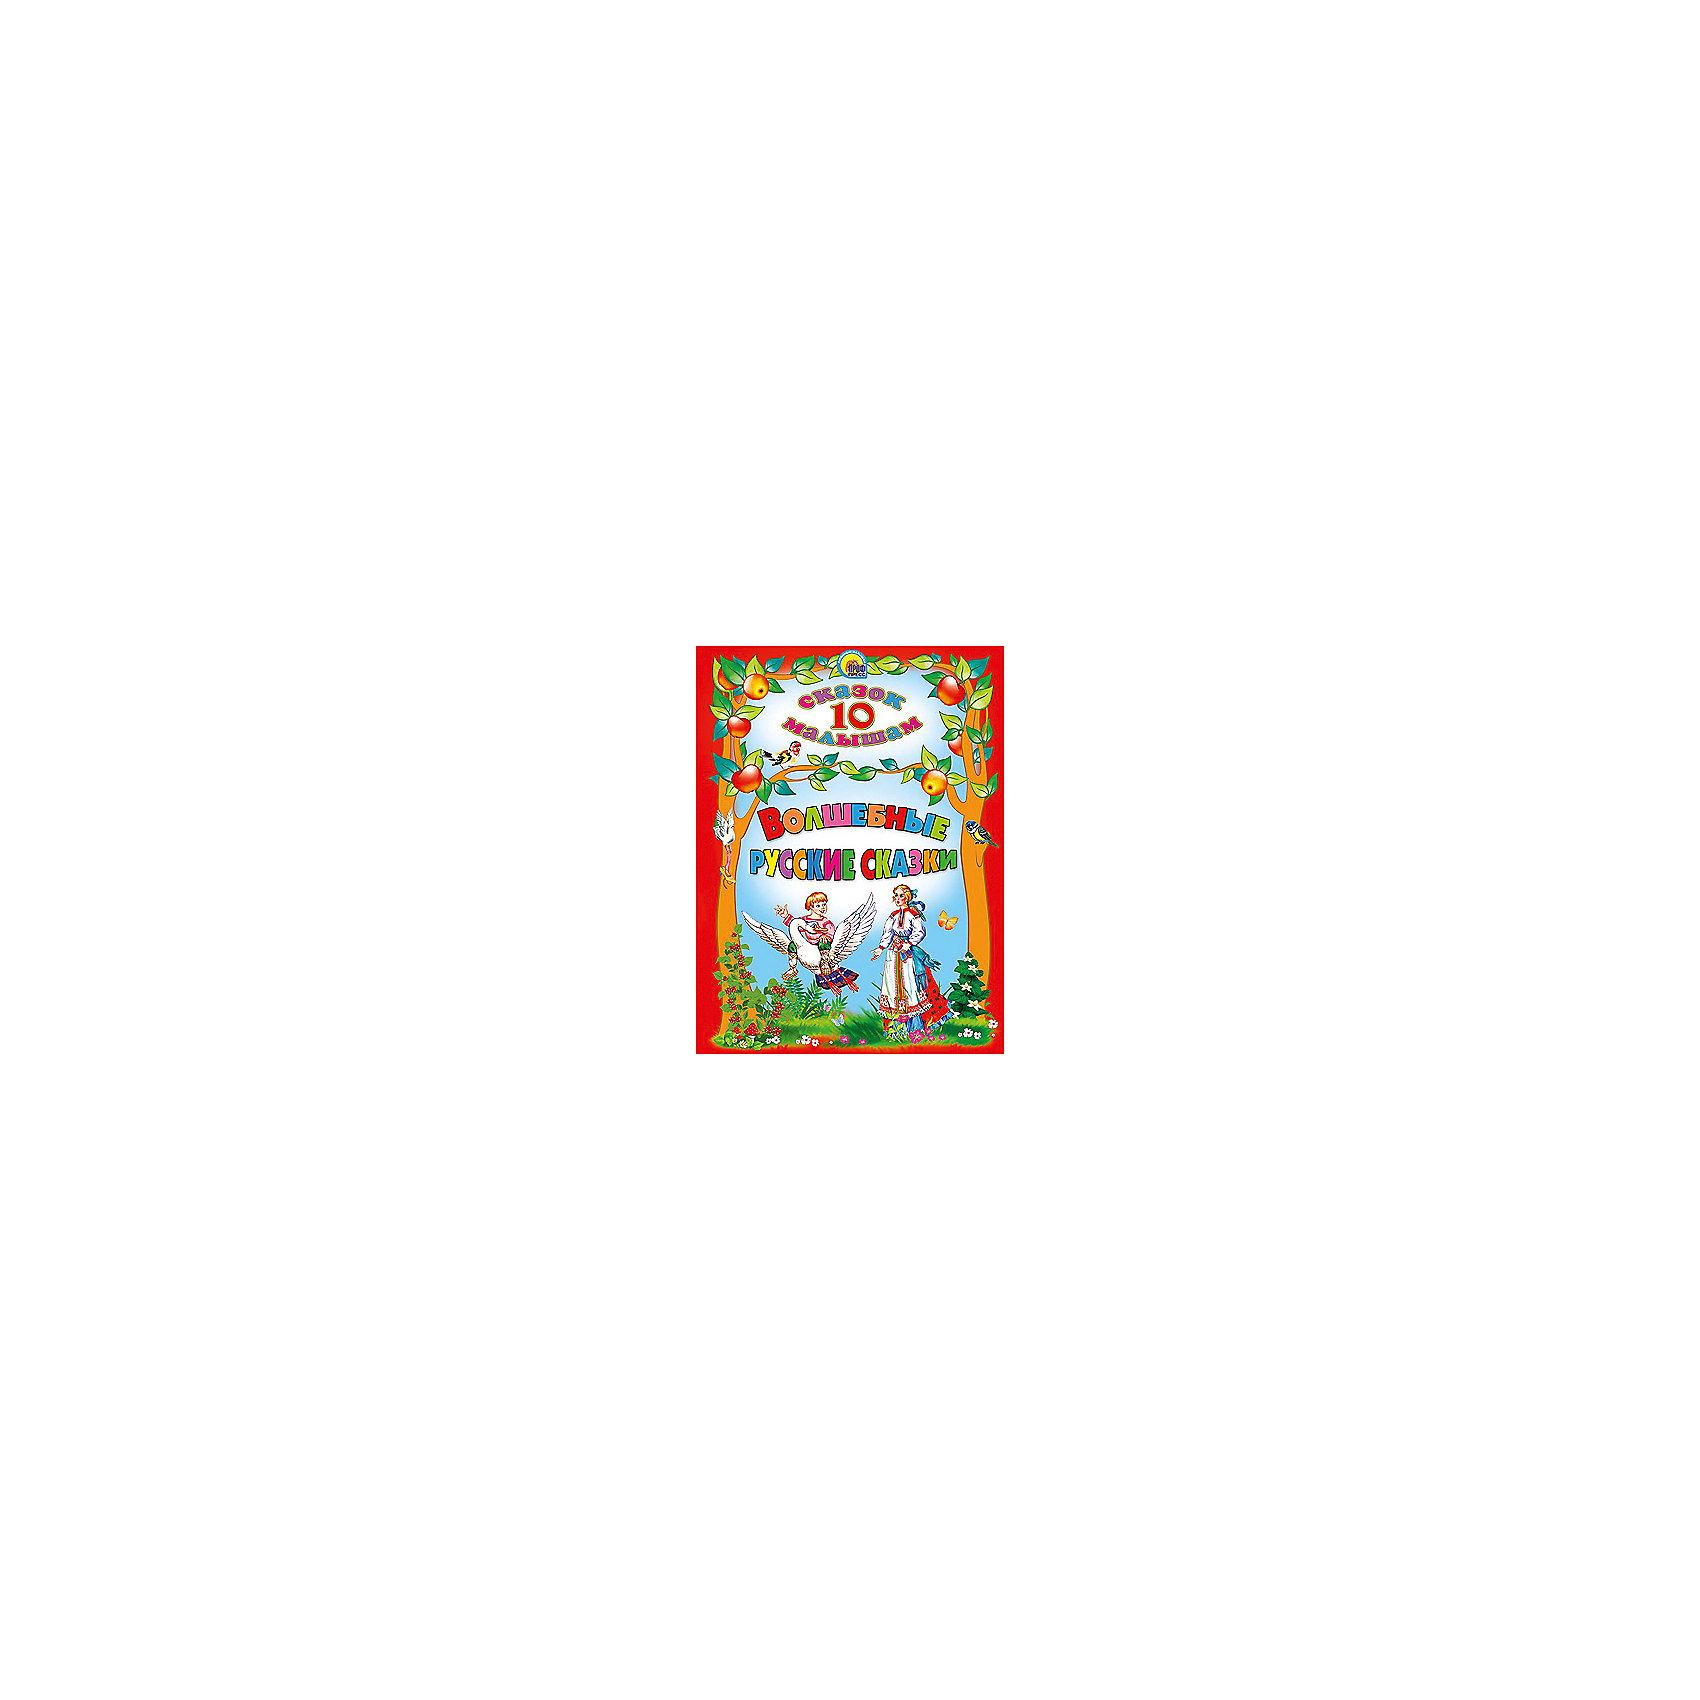 Проф-Пресс 10 сказок. Волшебные русские сказки валерий мирошников сказки змея зиланта история казани сулыбкой и всерьёз